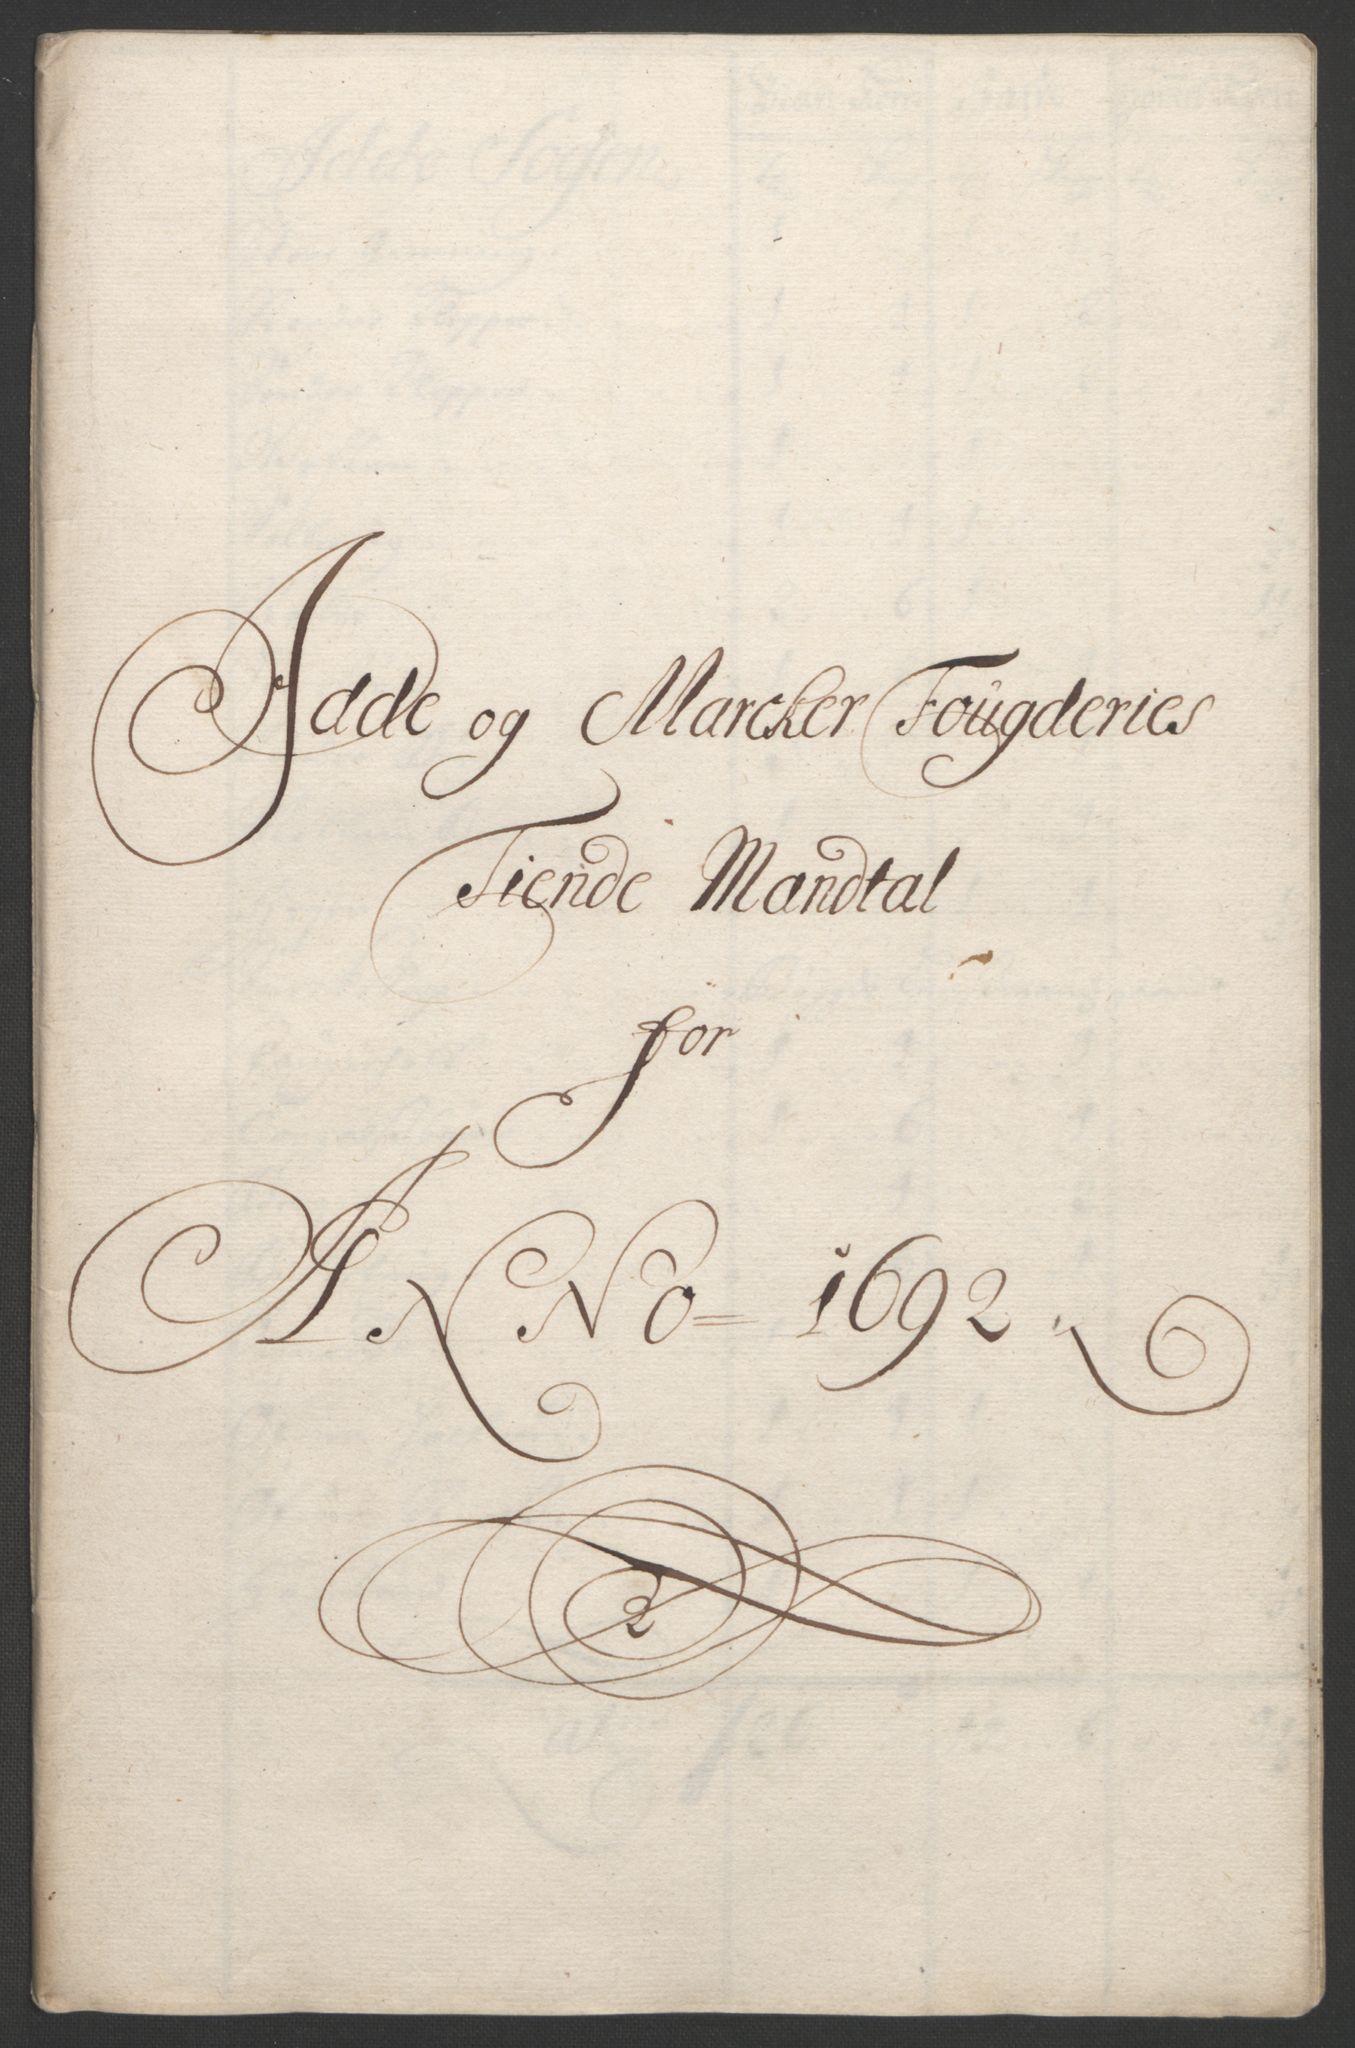 RA, Rentekammeret inntil 1814, Reviderte regnskaper, Fogderegnskap, R01/L0011: Fogderegnskap Idd og Marker, 1692-1693, s. 38